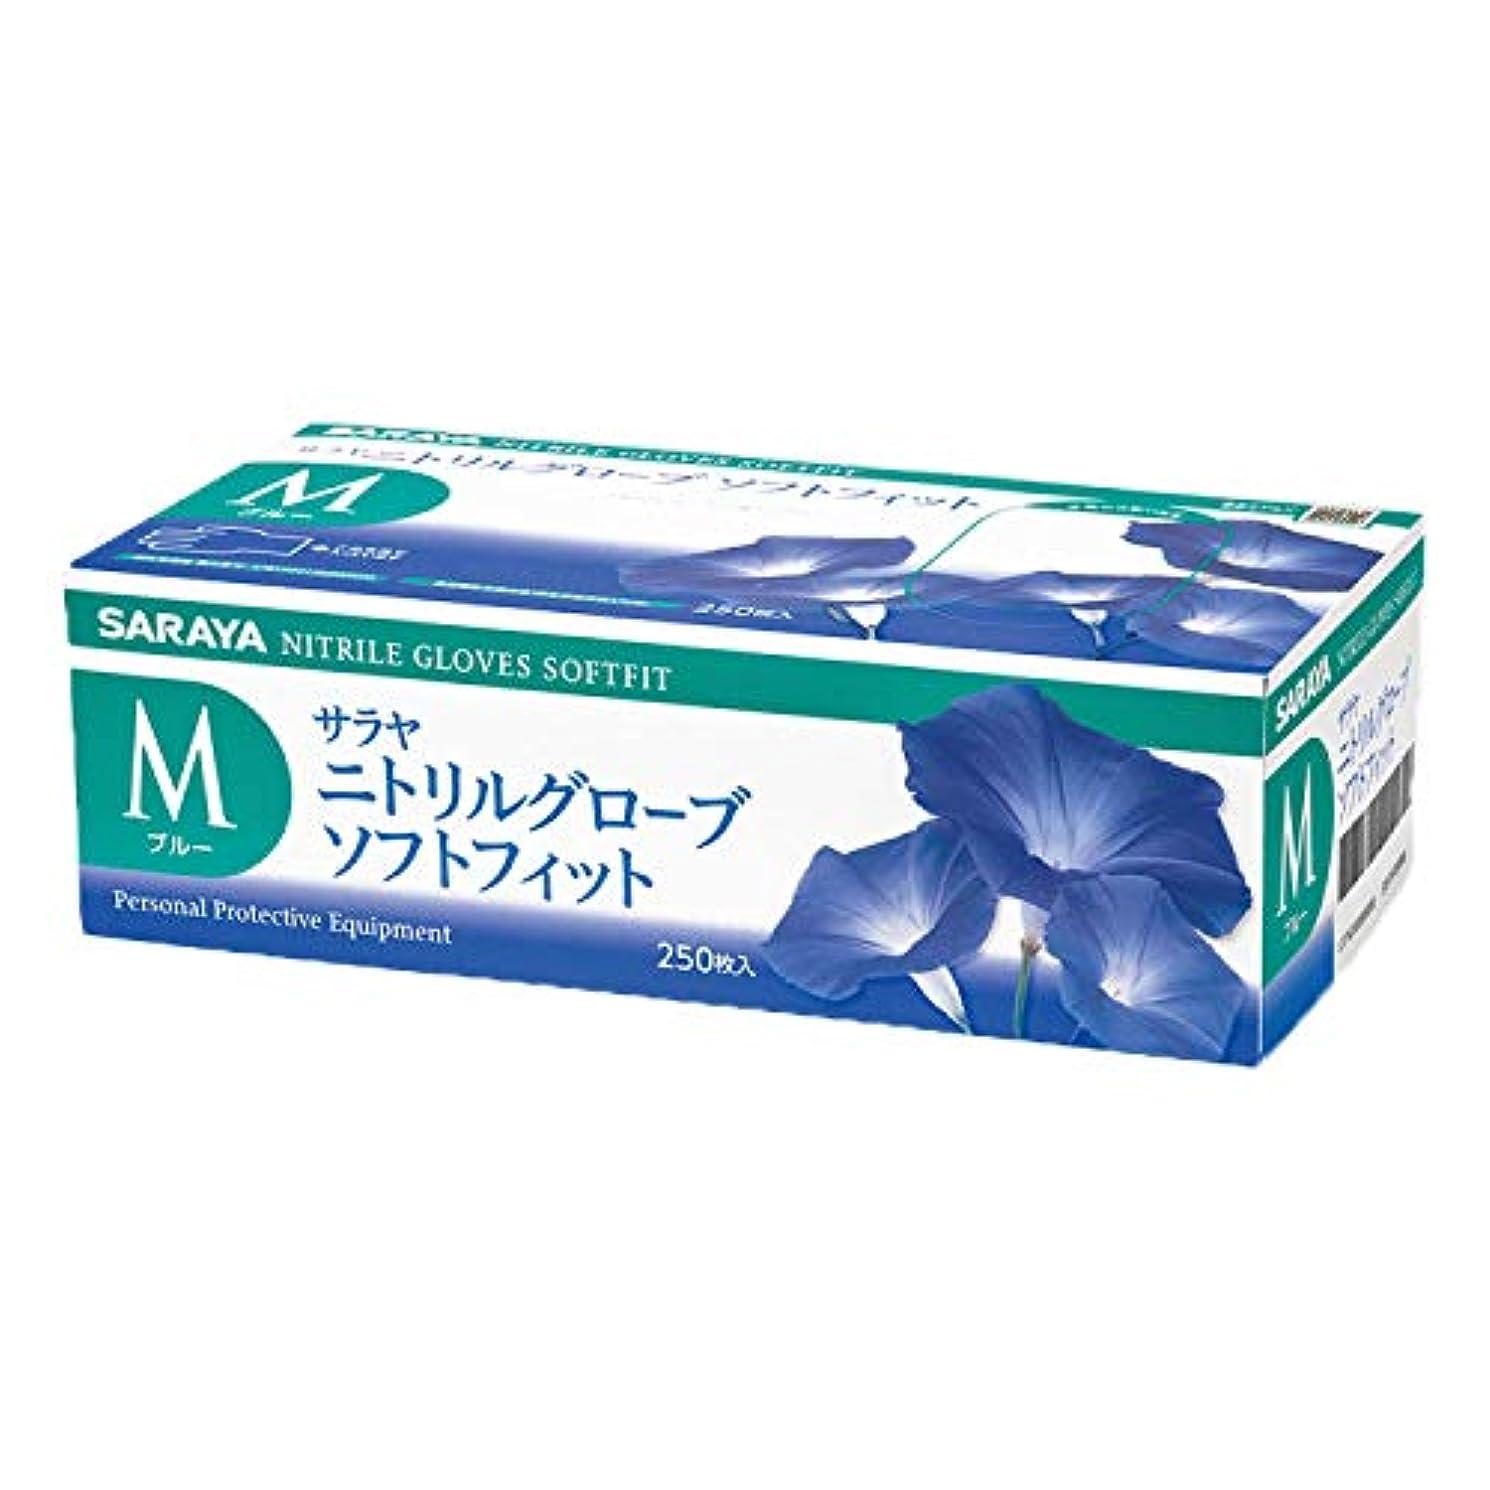 スリル文芸シアーサラヤ ニトリルグローブ ソフトフィット パウダーフリー ブルー M 250枚×10箱入